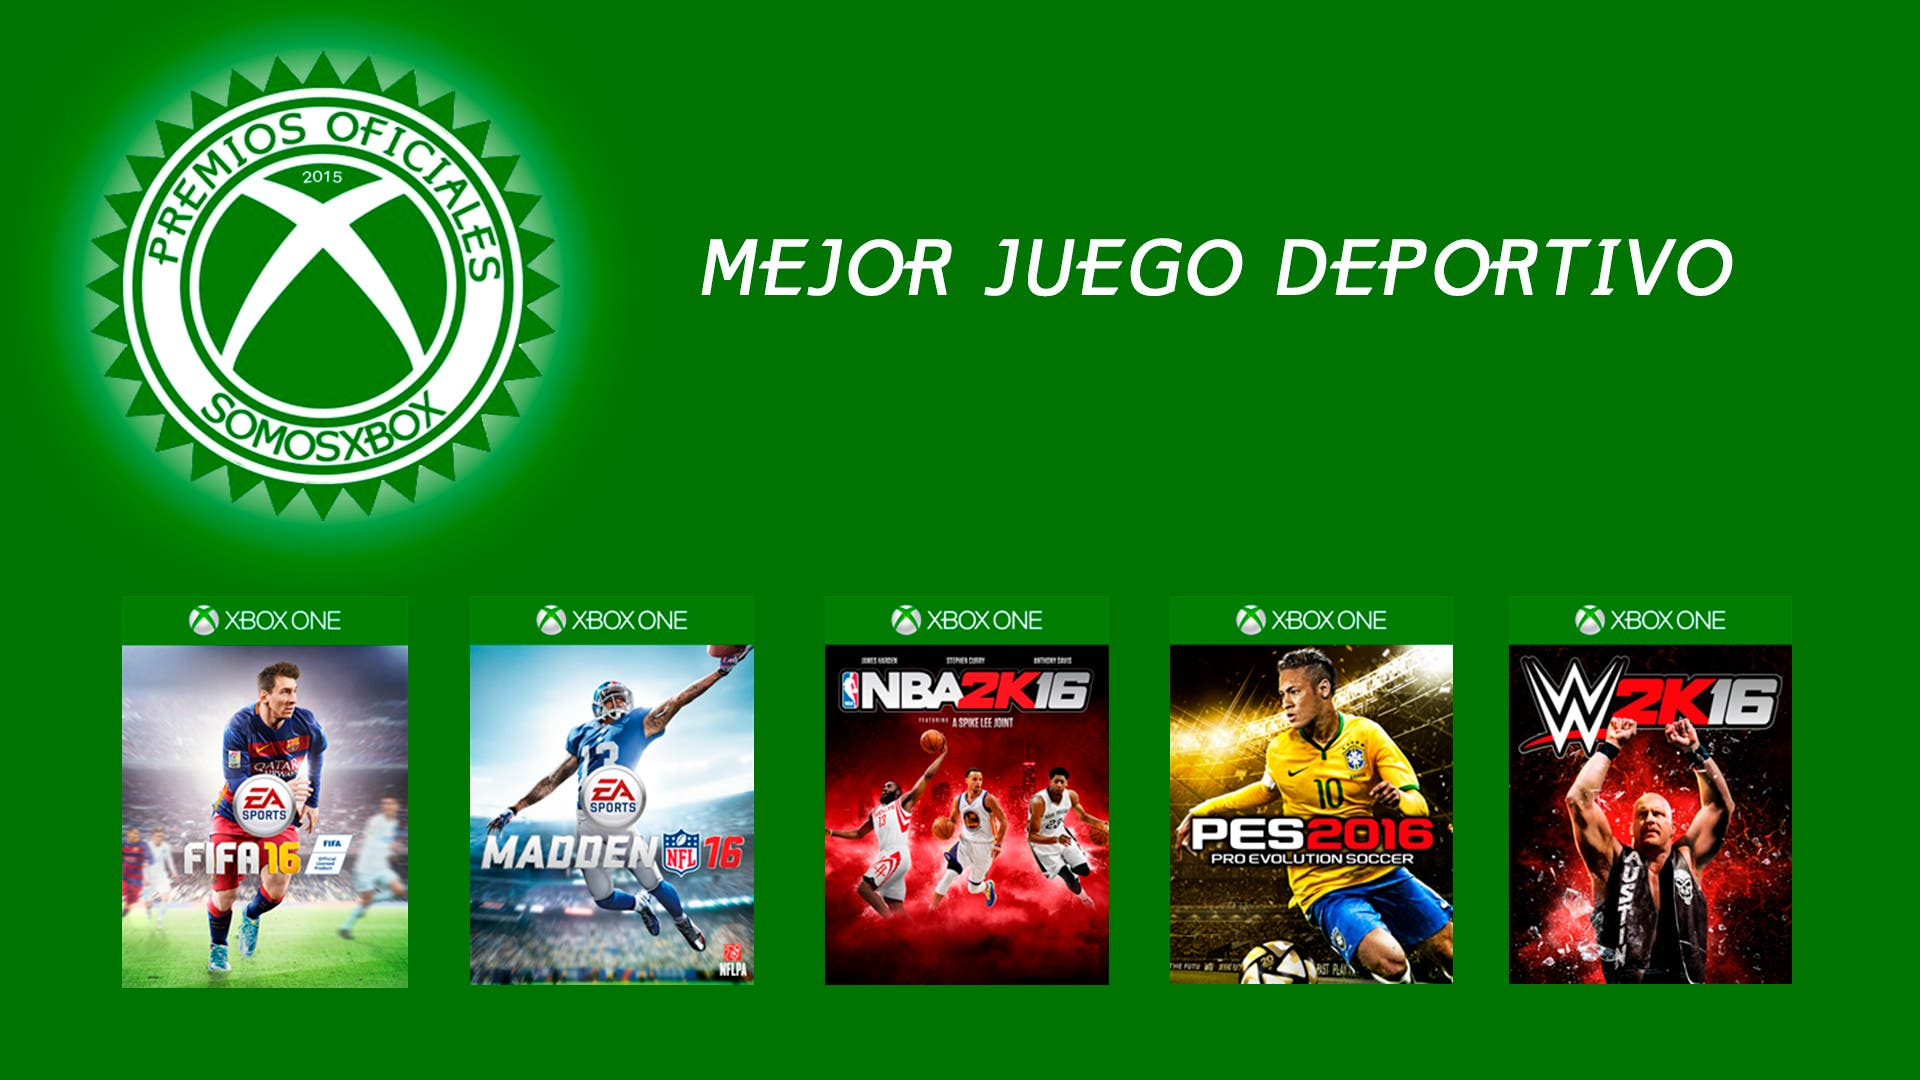 Mejor Juego Deportivo